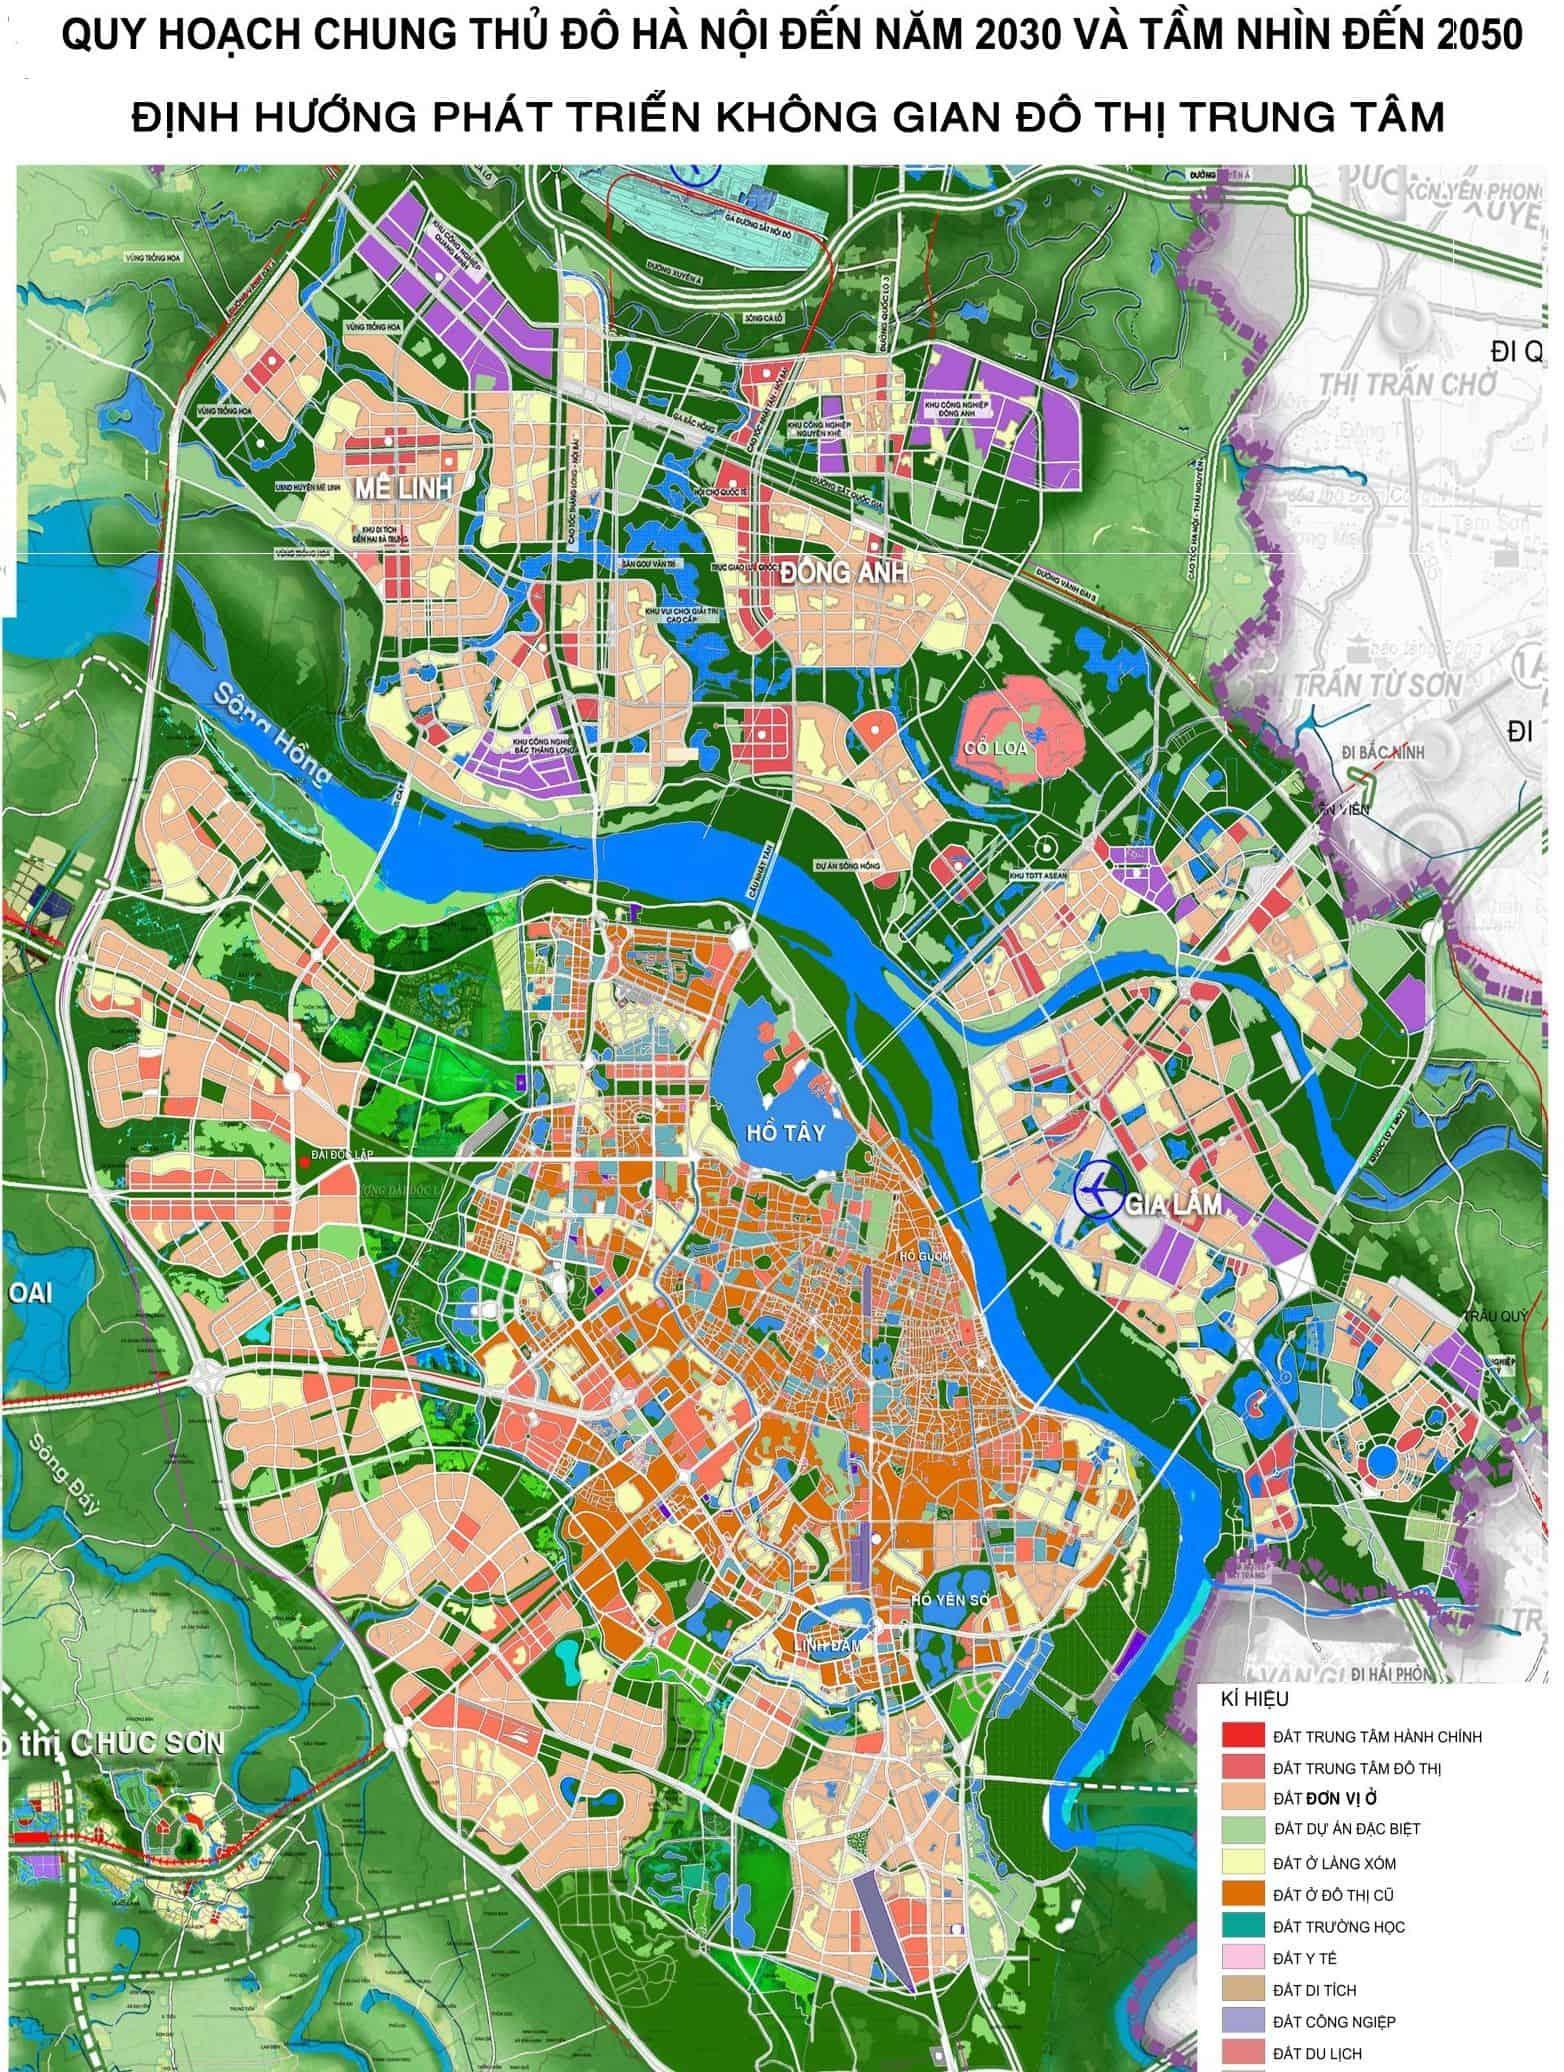 Bản đồ định hướng quy hoạch Hà Nội tính đến 2050